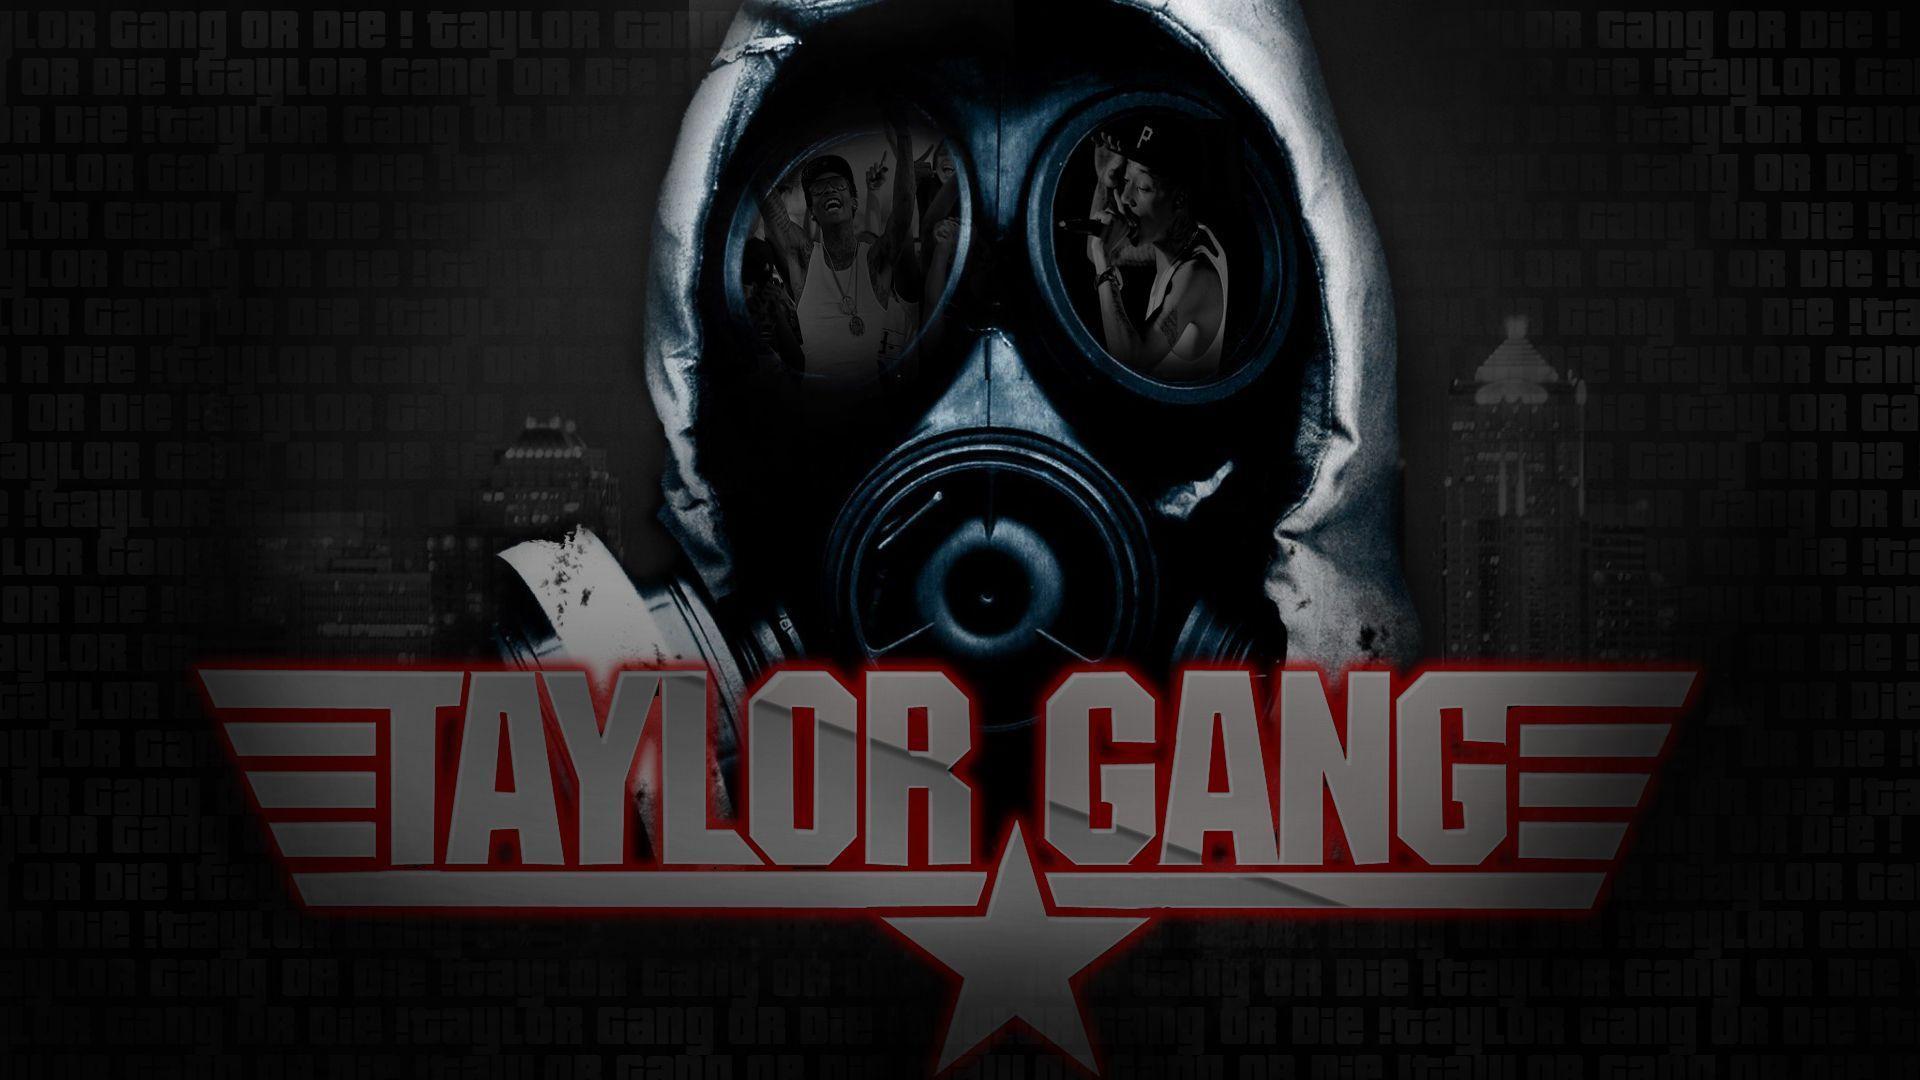 1920x1080 Taylor Gang hình nền